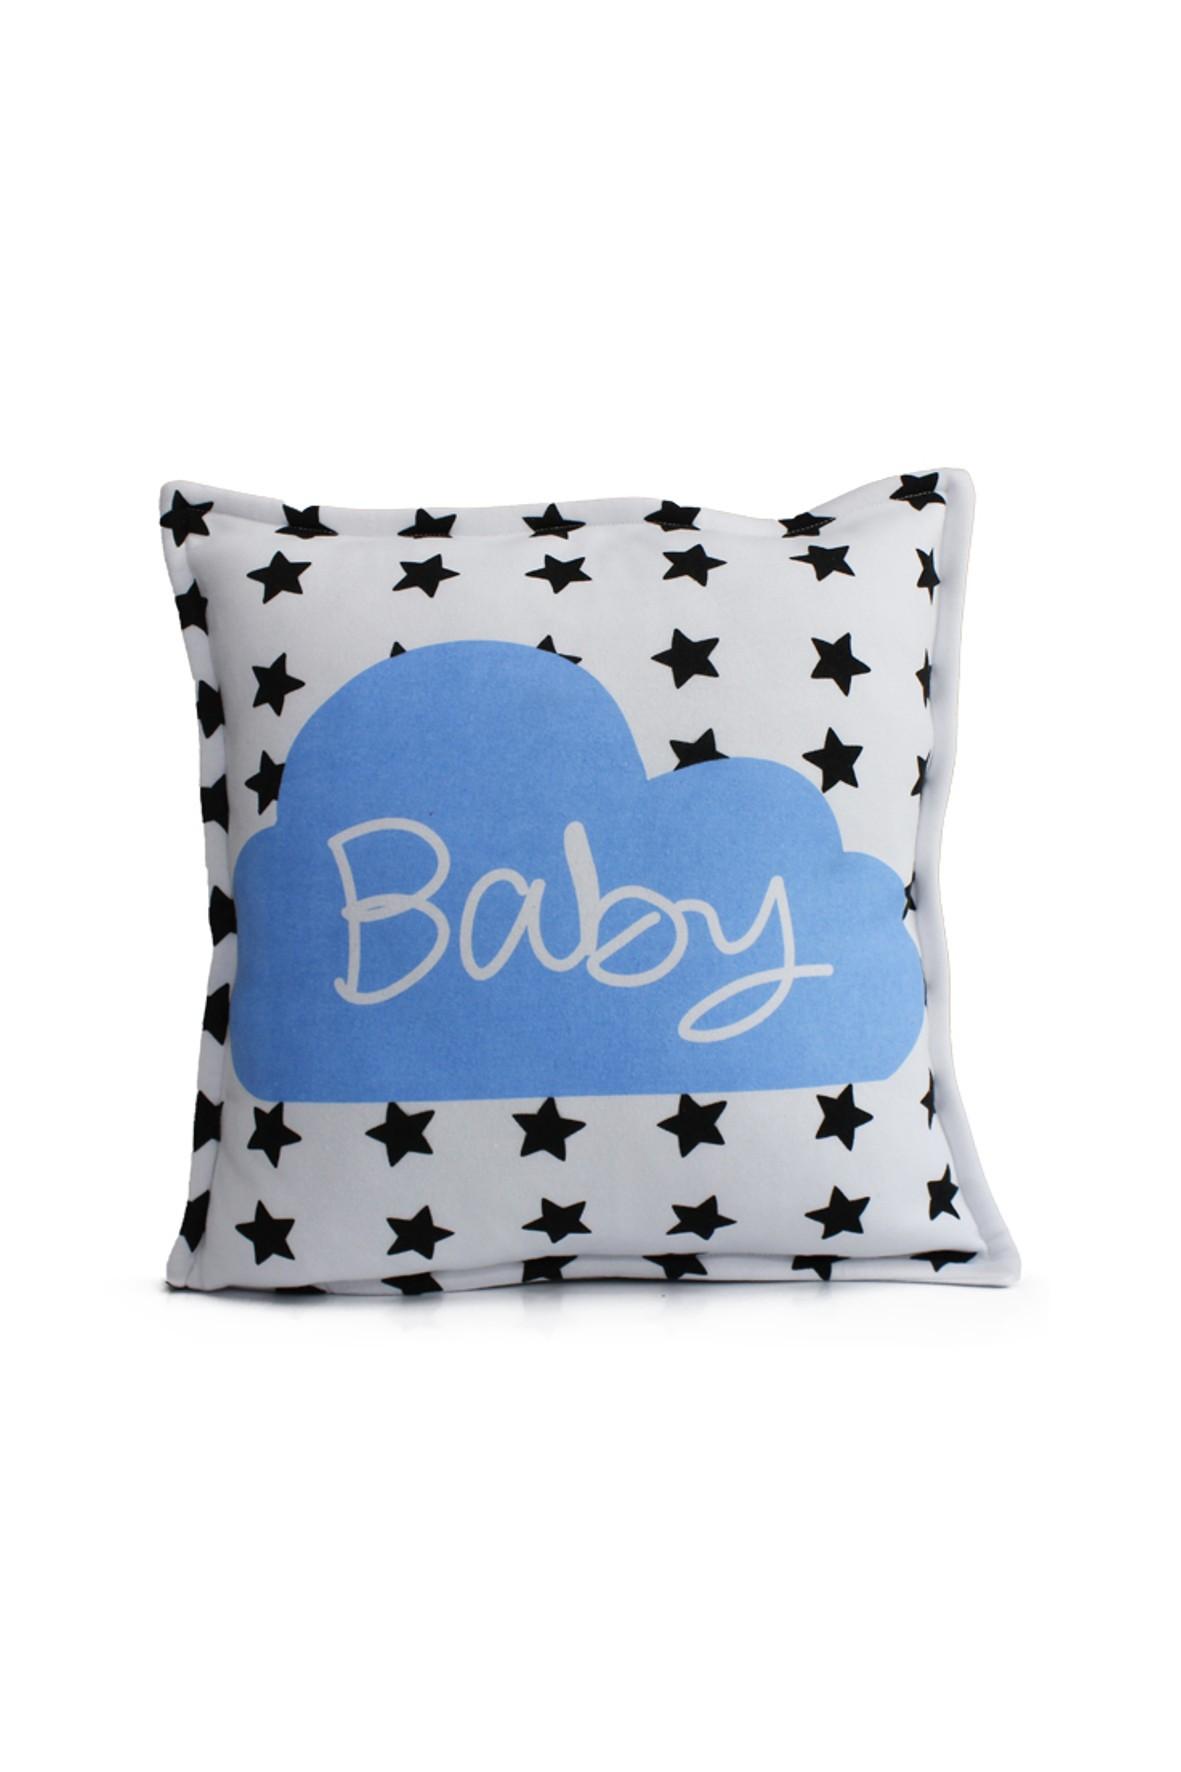 Poduszka biała w gwiazdki - Hello Baby 45x45cm